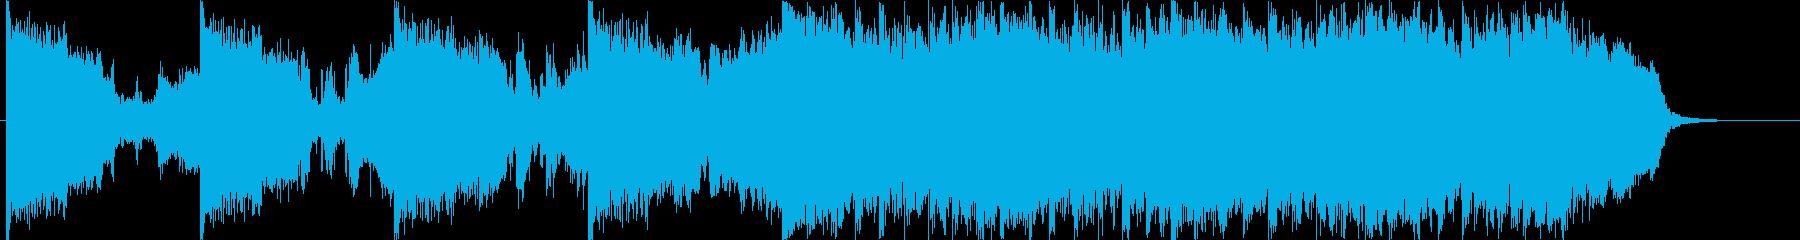 重厚オーケストラ&デジタルの融合サウンドの再生済みの波形